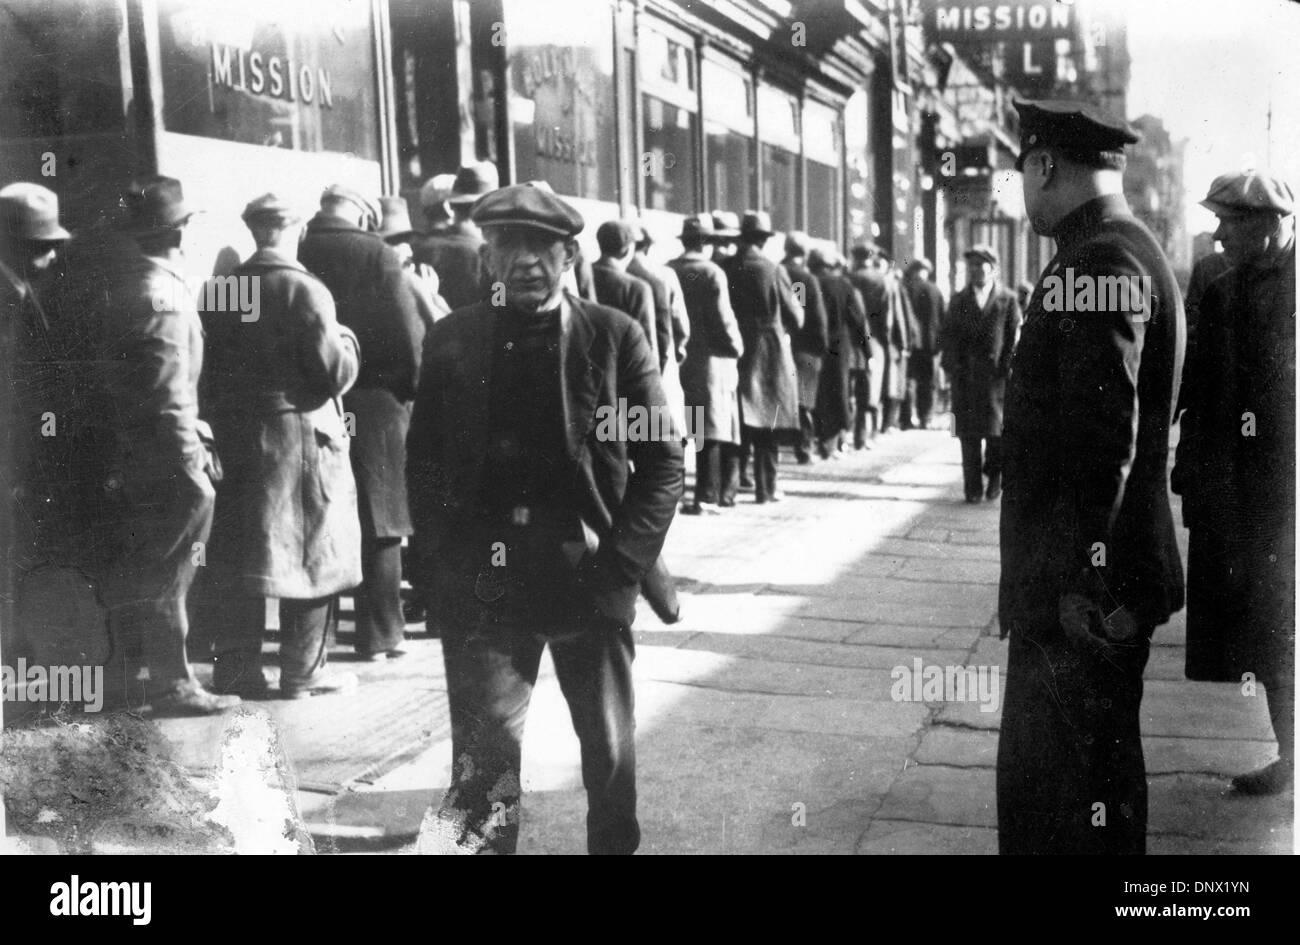 14 gennaio 1937 - New York, NY, STATI UNITI - Durante la Grande Depressione negli stati di milioni di persone sono in attesa per l'ora gratuita di cibo a New York, la missione. (Credito Immagine: © Keystone Pictures USA/ZUMAPRESS.com) Immagini Stock